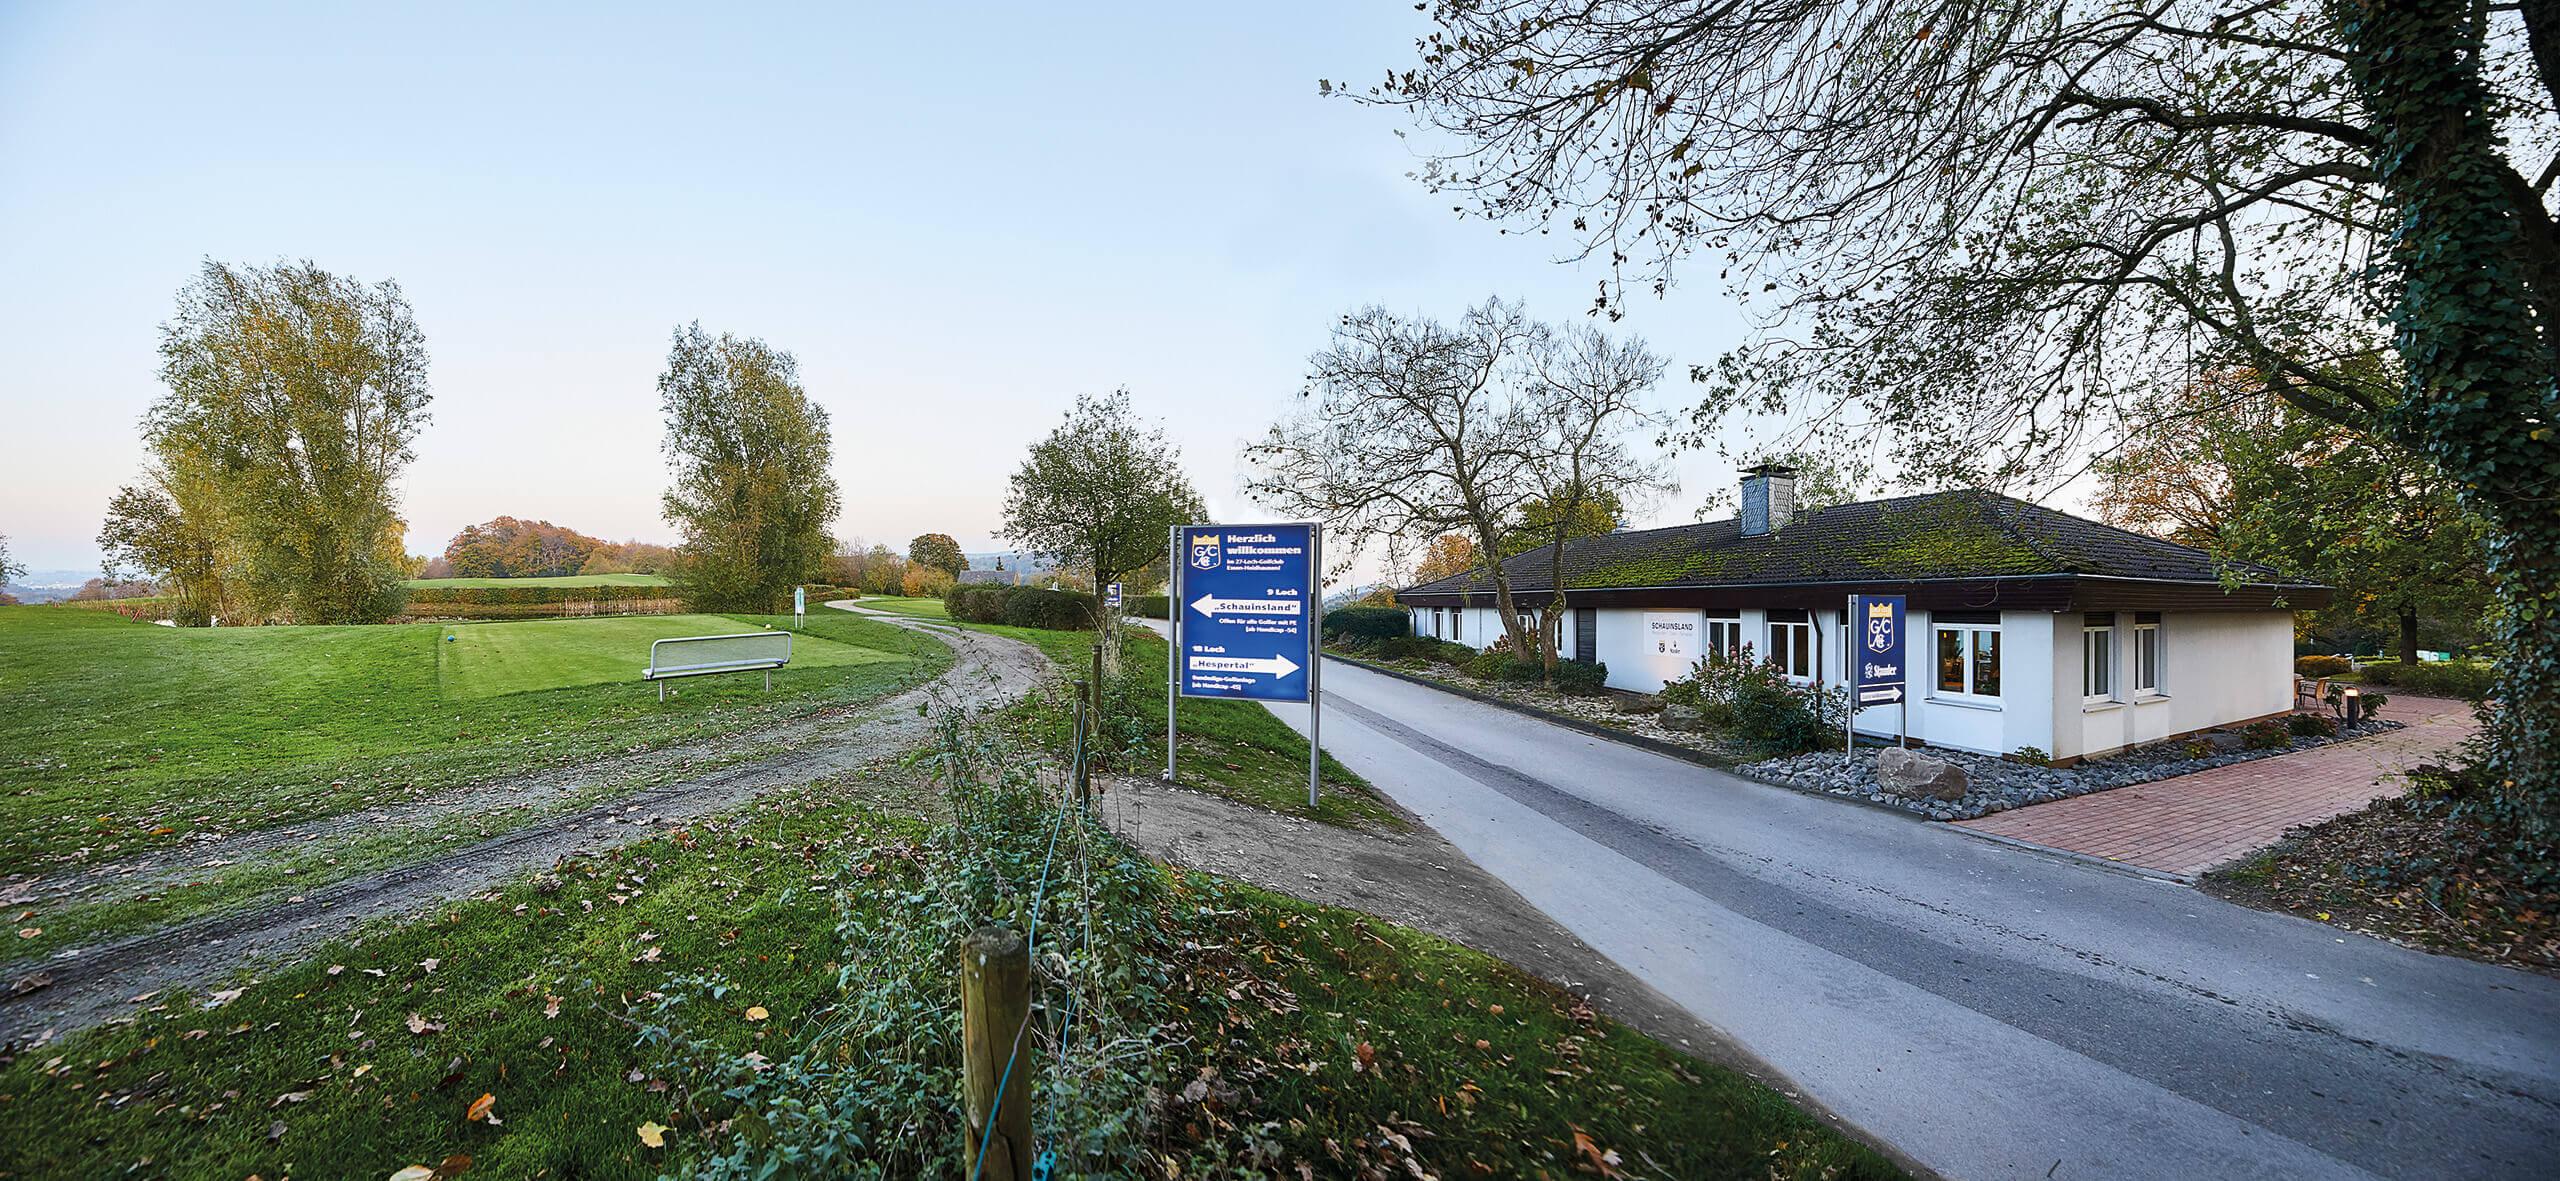 golfen-in-essen-vereinsheim-golfclub-heidhausen